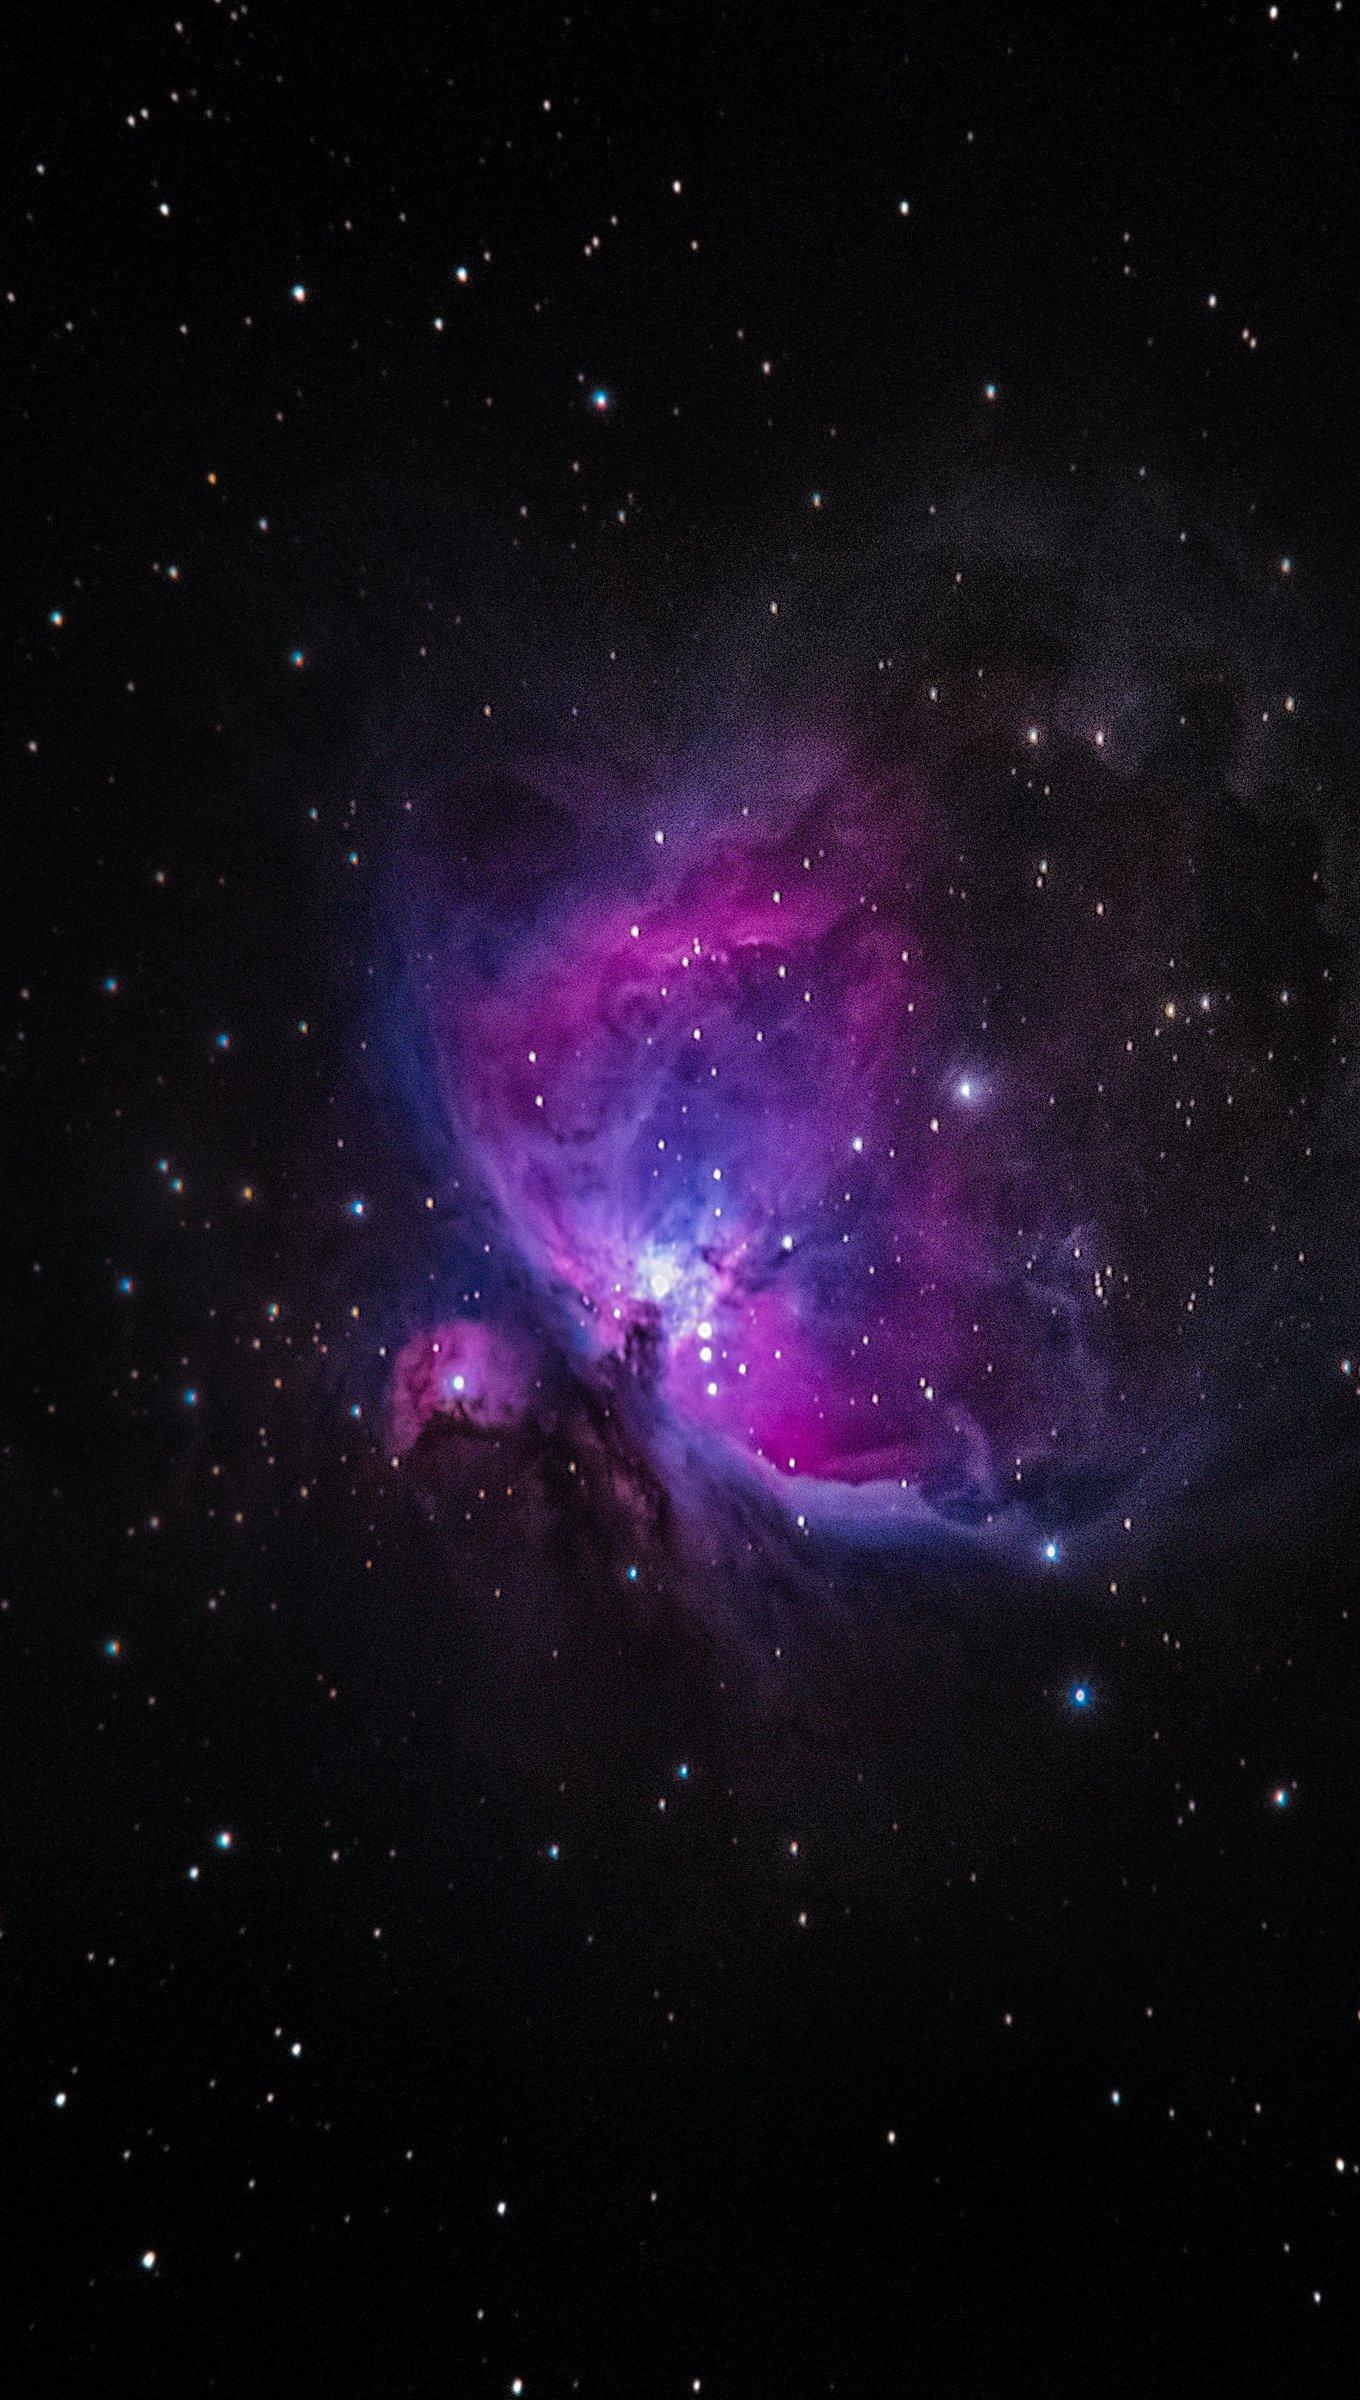 Fondos de pantalla Estrellas en la Galaxia Vertical